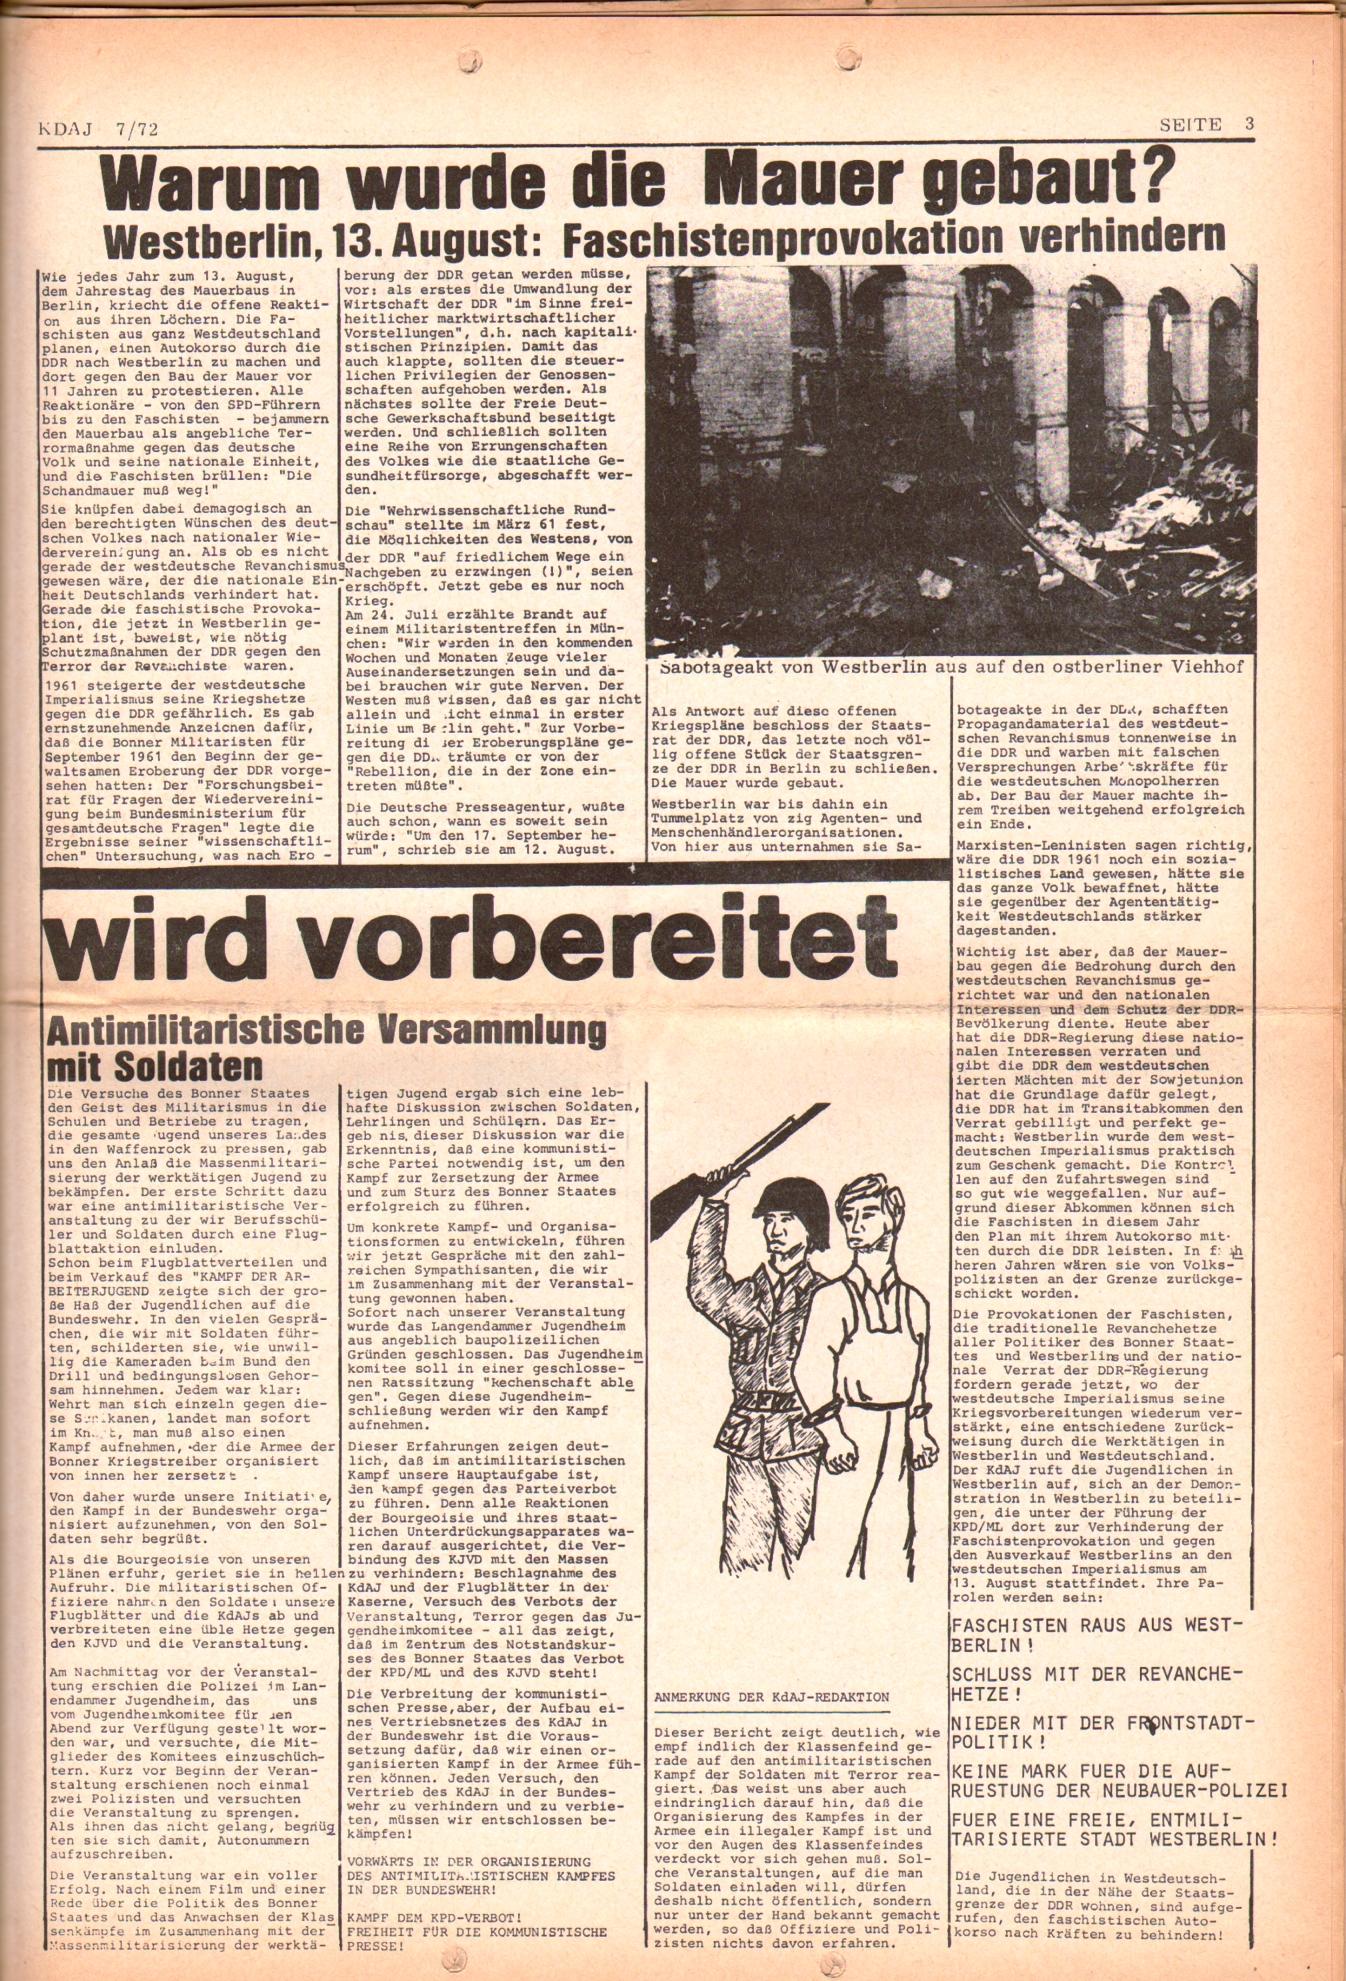 KJVD_KDAJ_1972_07_03